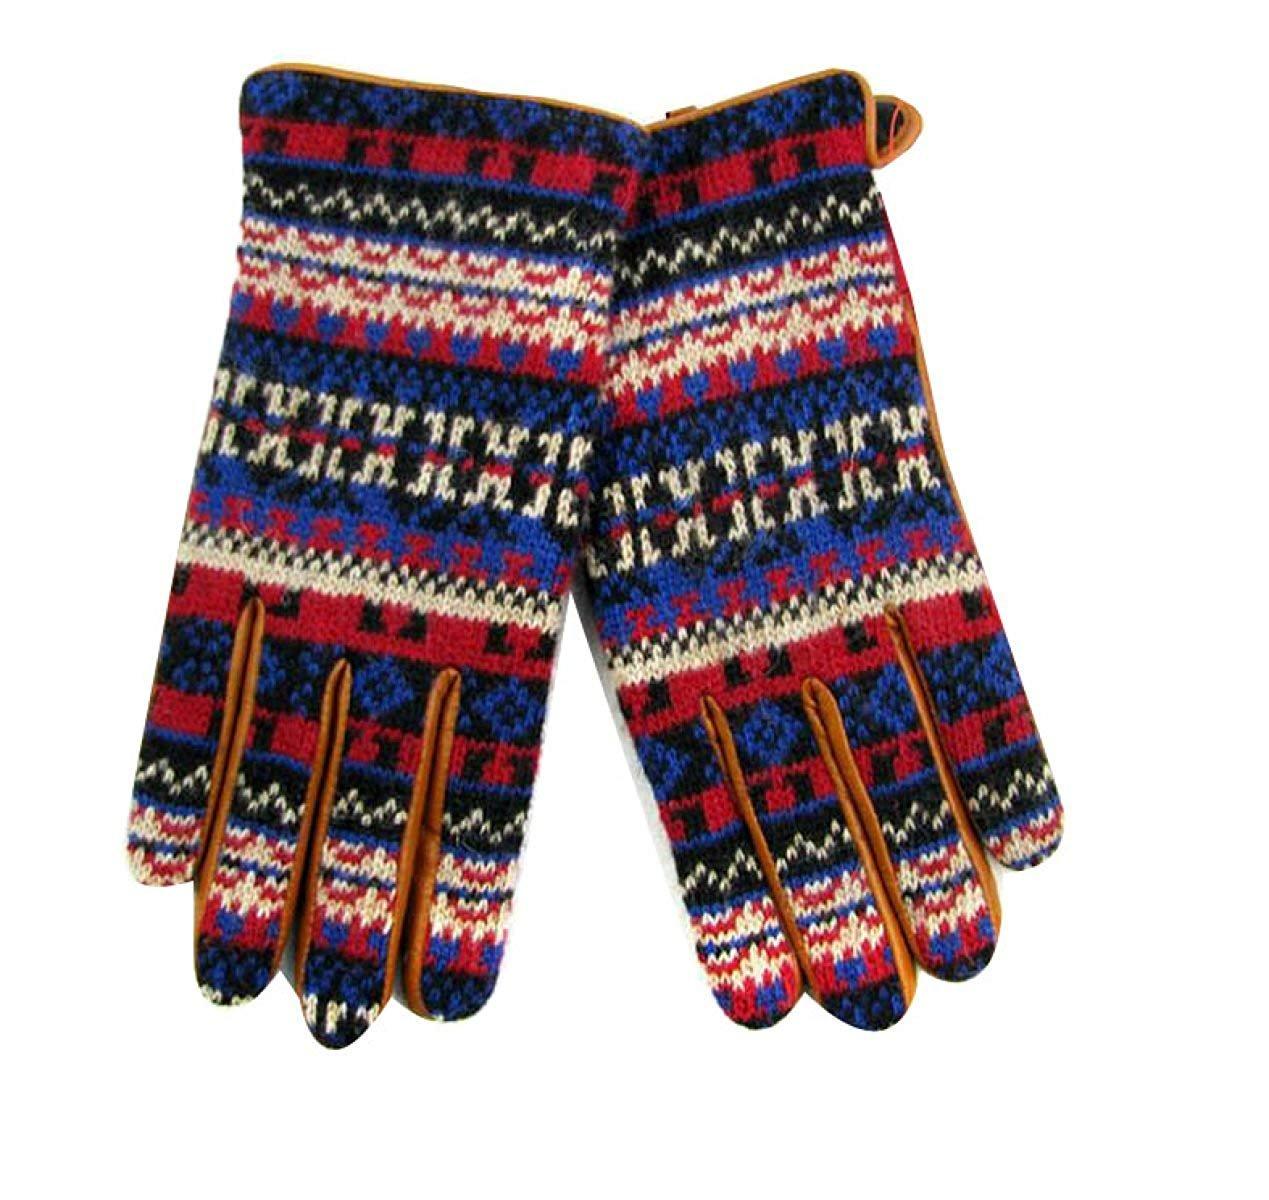 CWJ Jacquard Knit Gloves Men Fashion